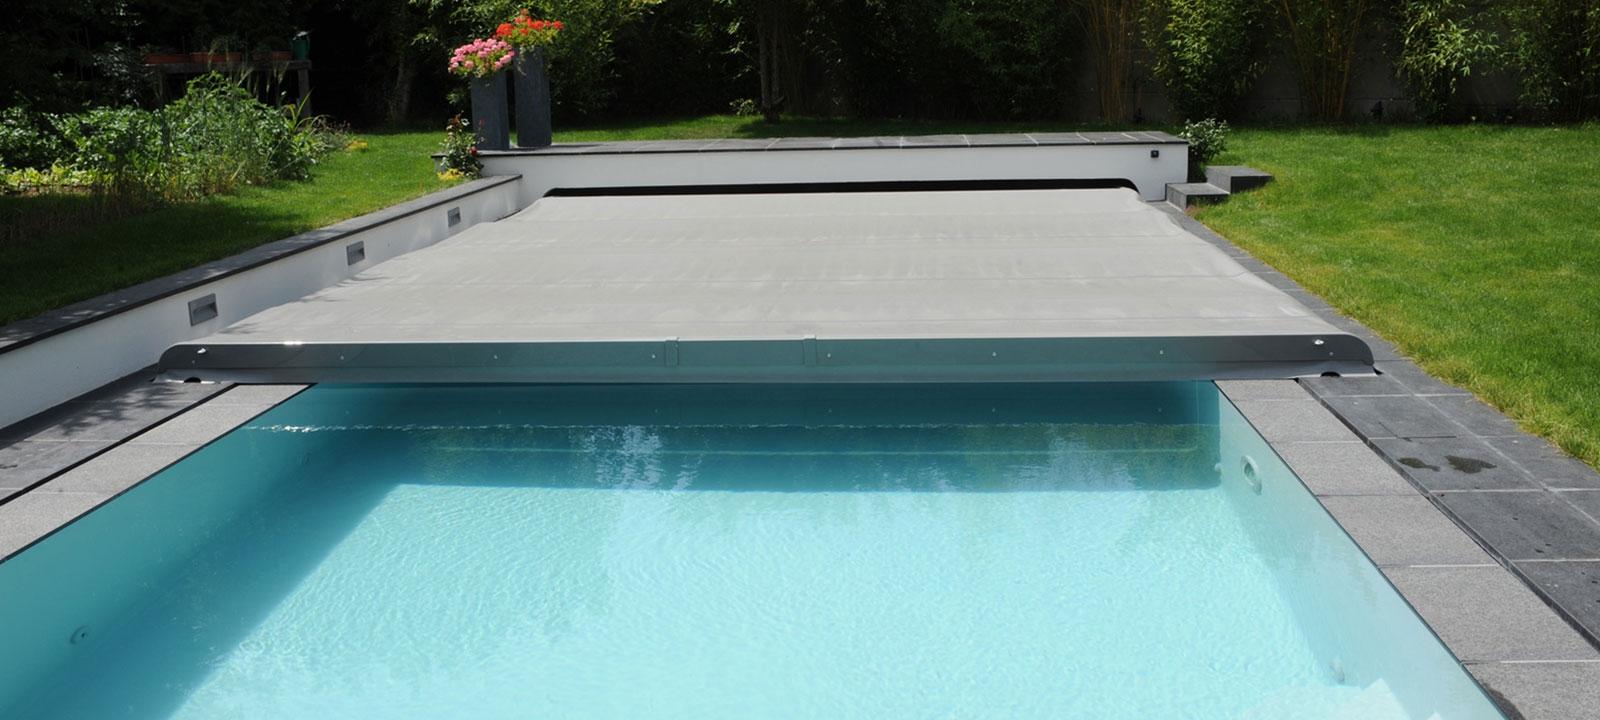 bache piscine automatique